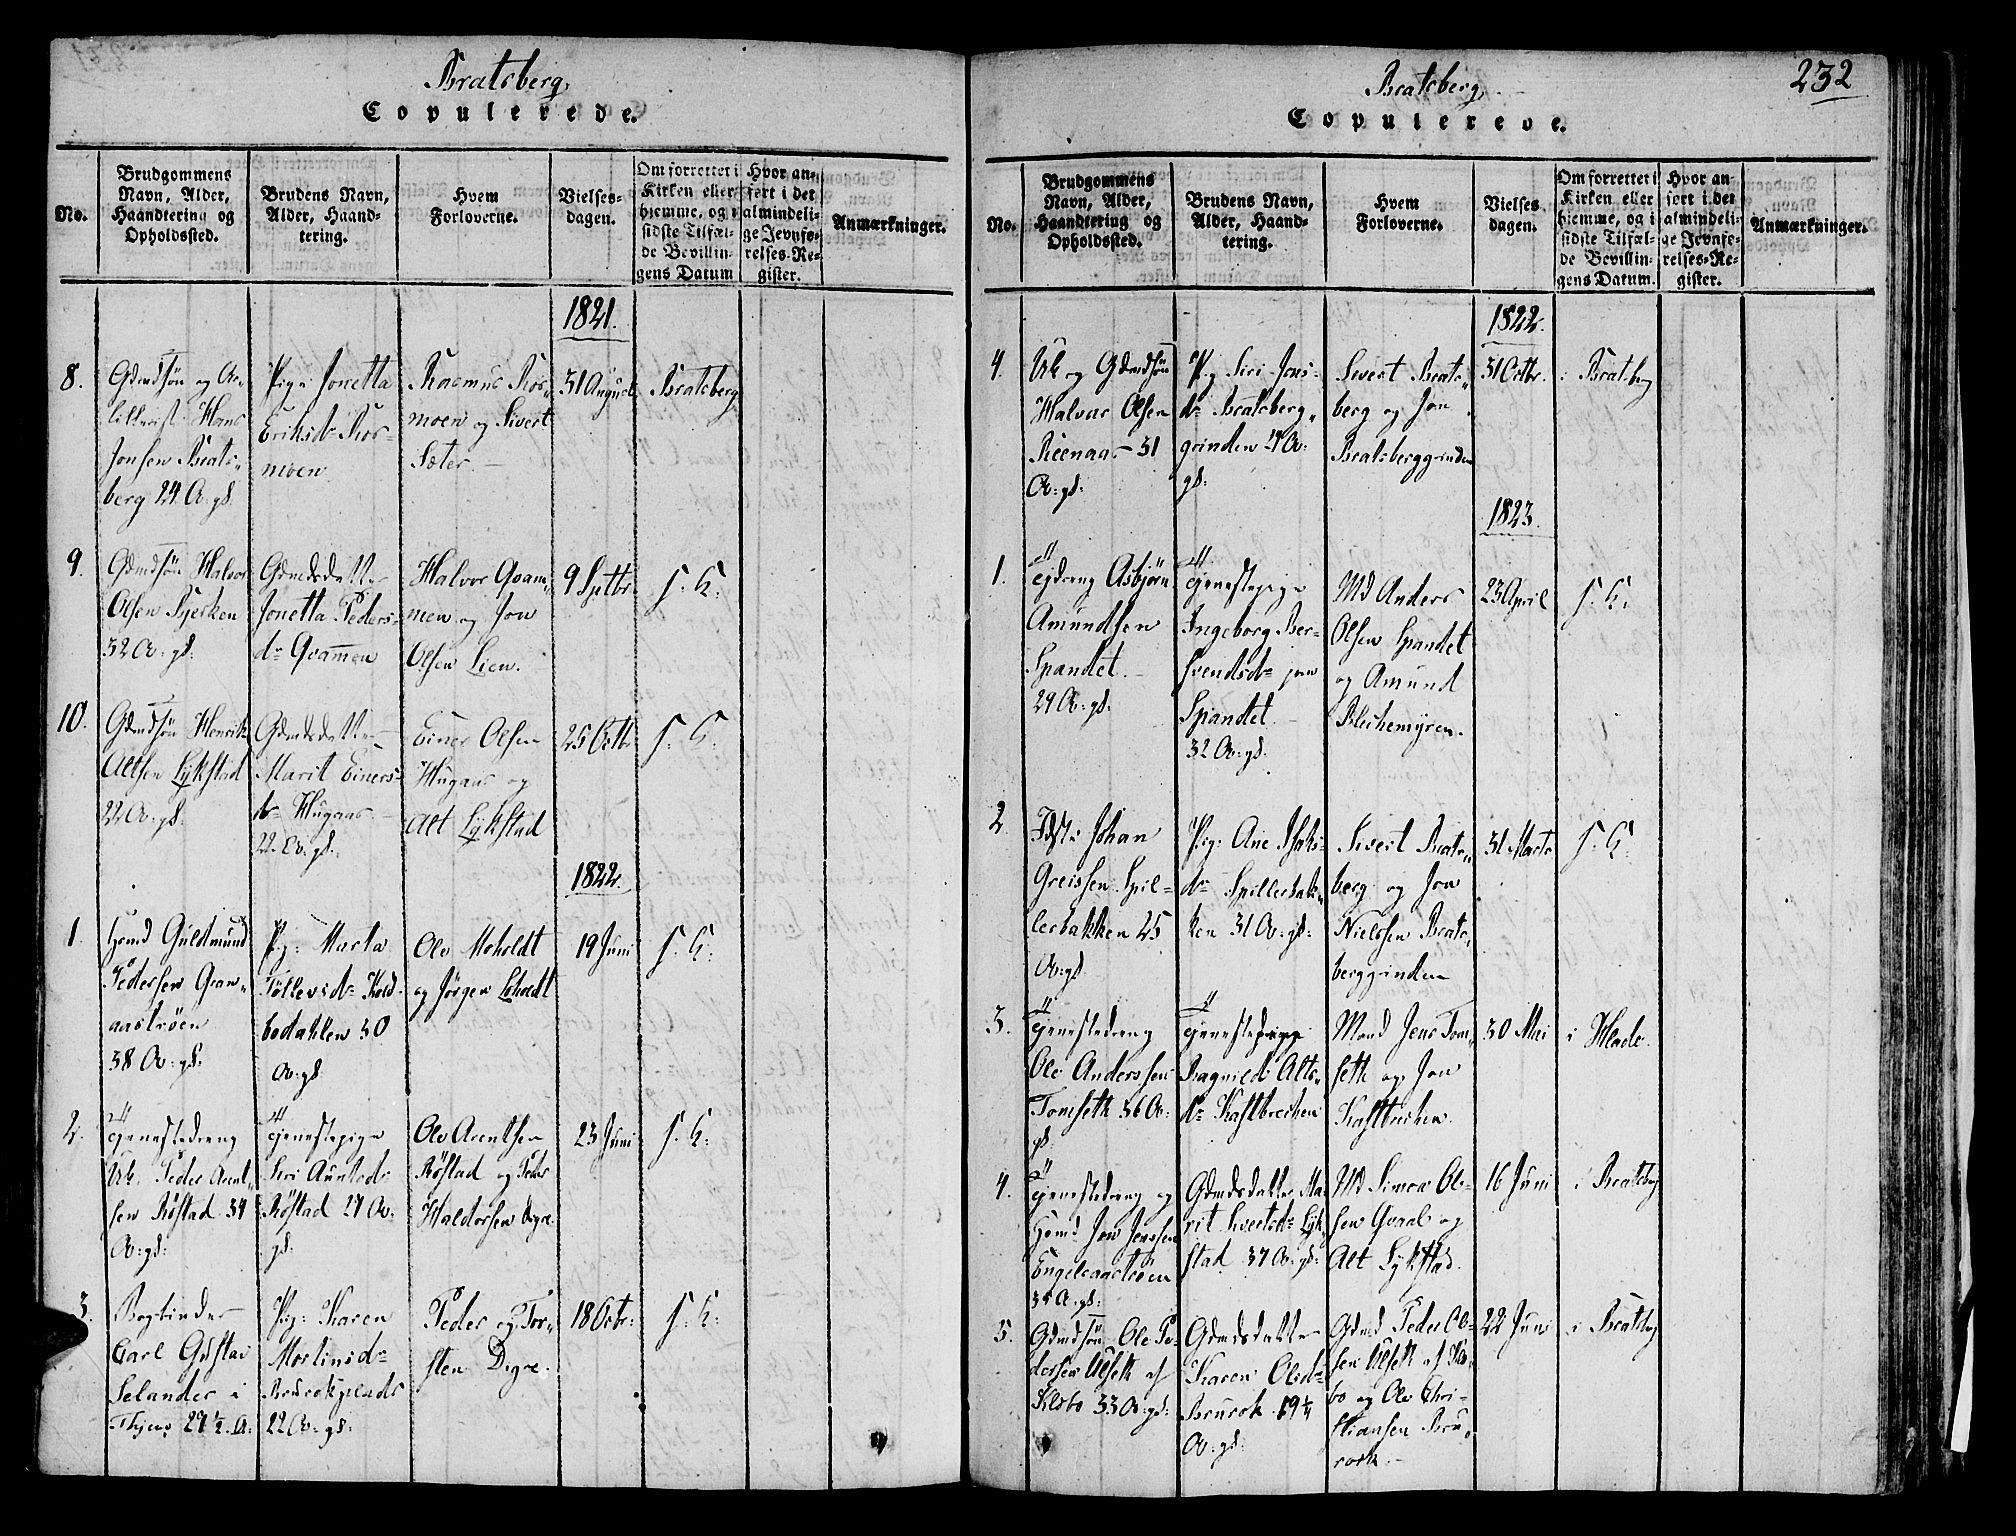 SAT, Ministerialprotokoller, klokkerbøker og fødselsregistre - Sør-Trøndelag, 606/L0285: Ministerialbok nr. 606A03 /3, 1819-1823, s. 232